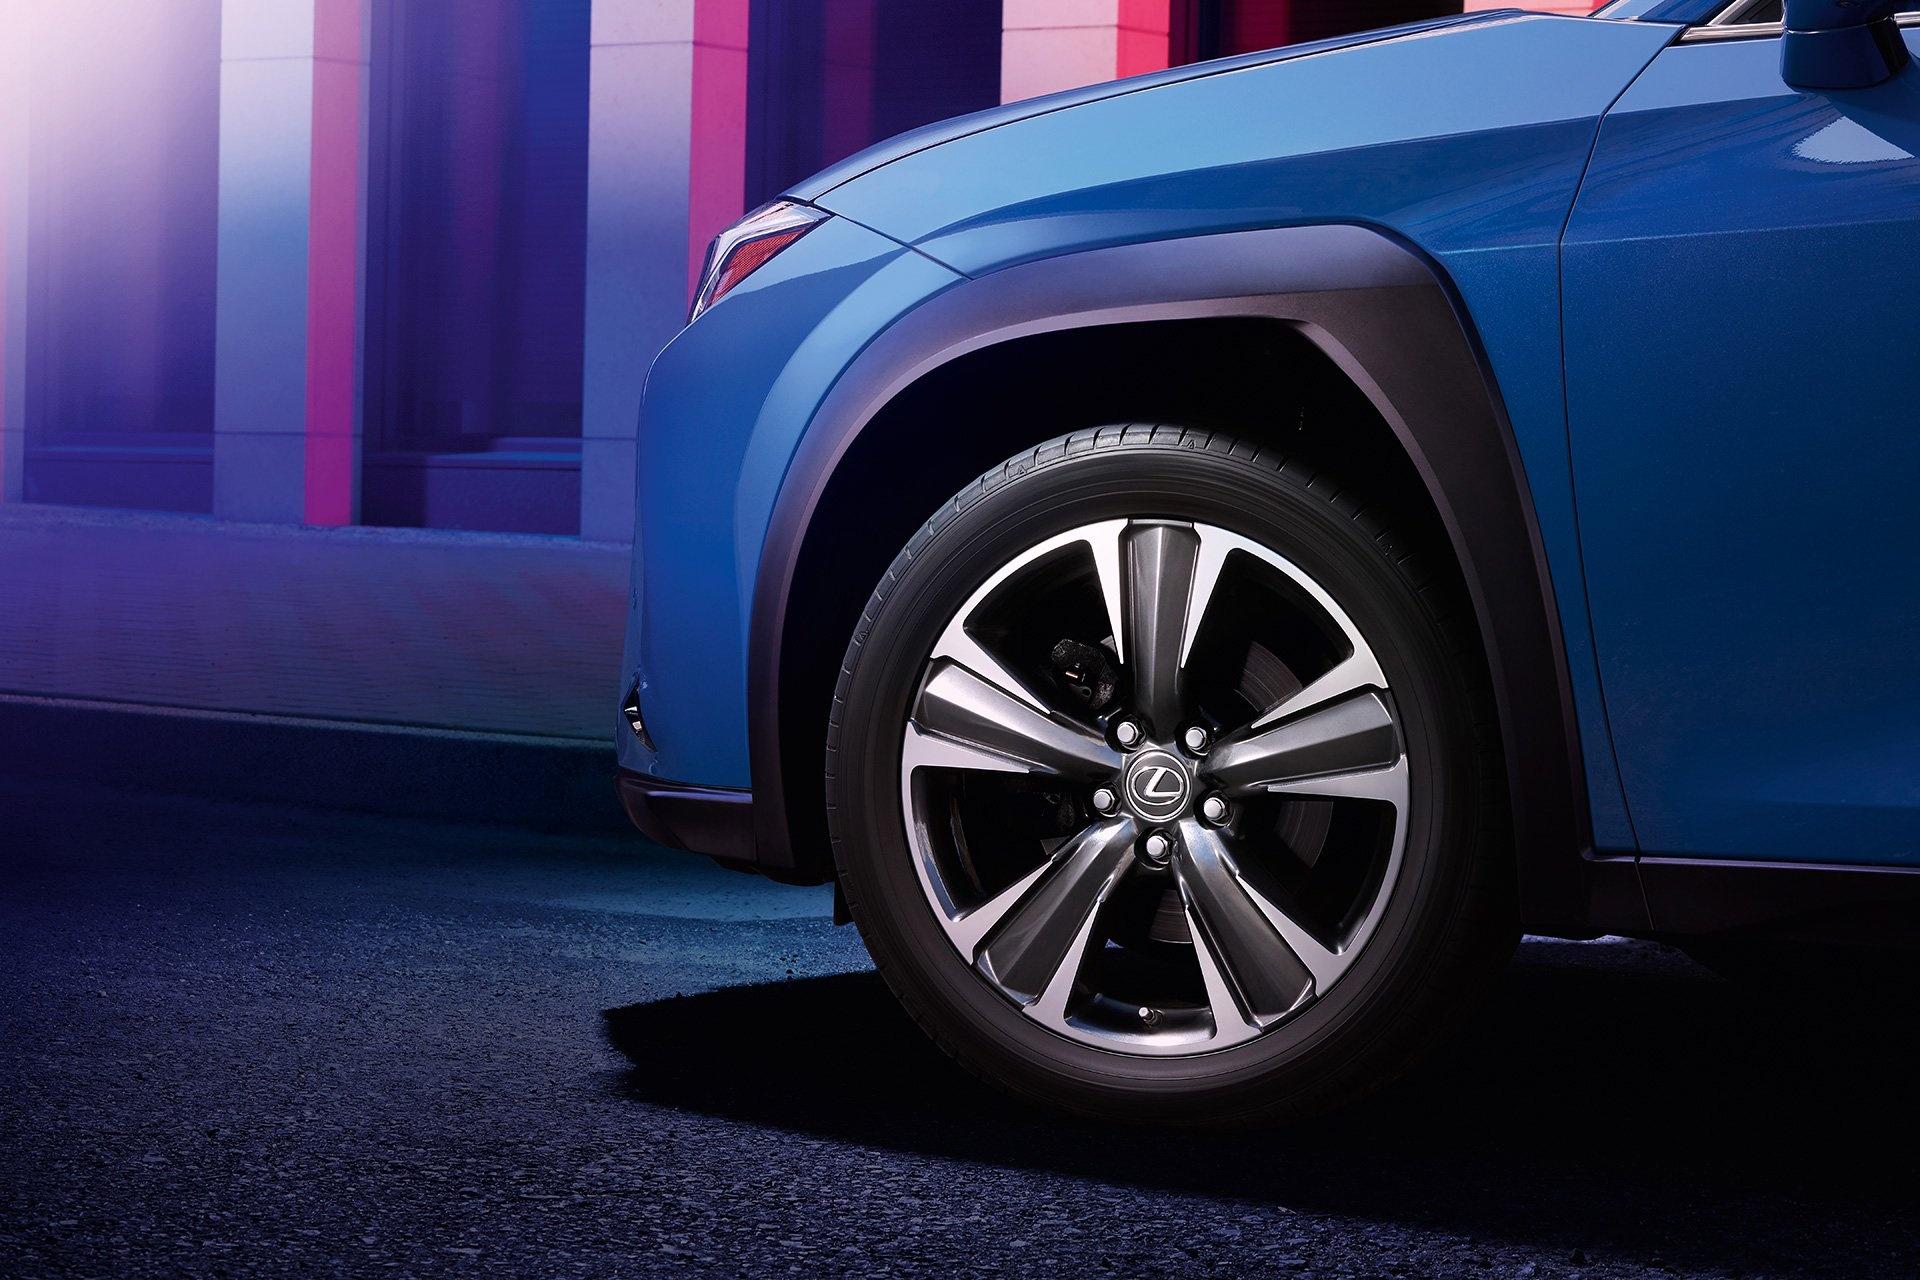 UX 300e - xe dien dau tien cua Lexus ra mat the gioi hinh anh 21